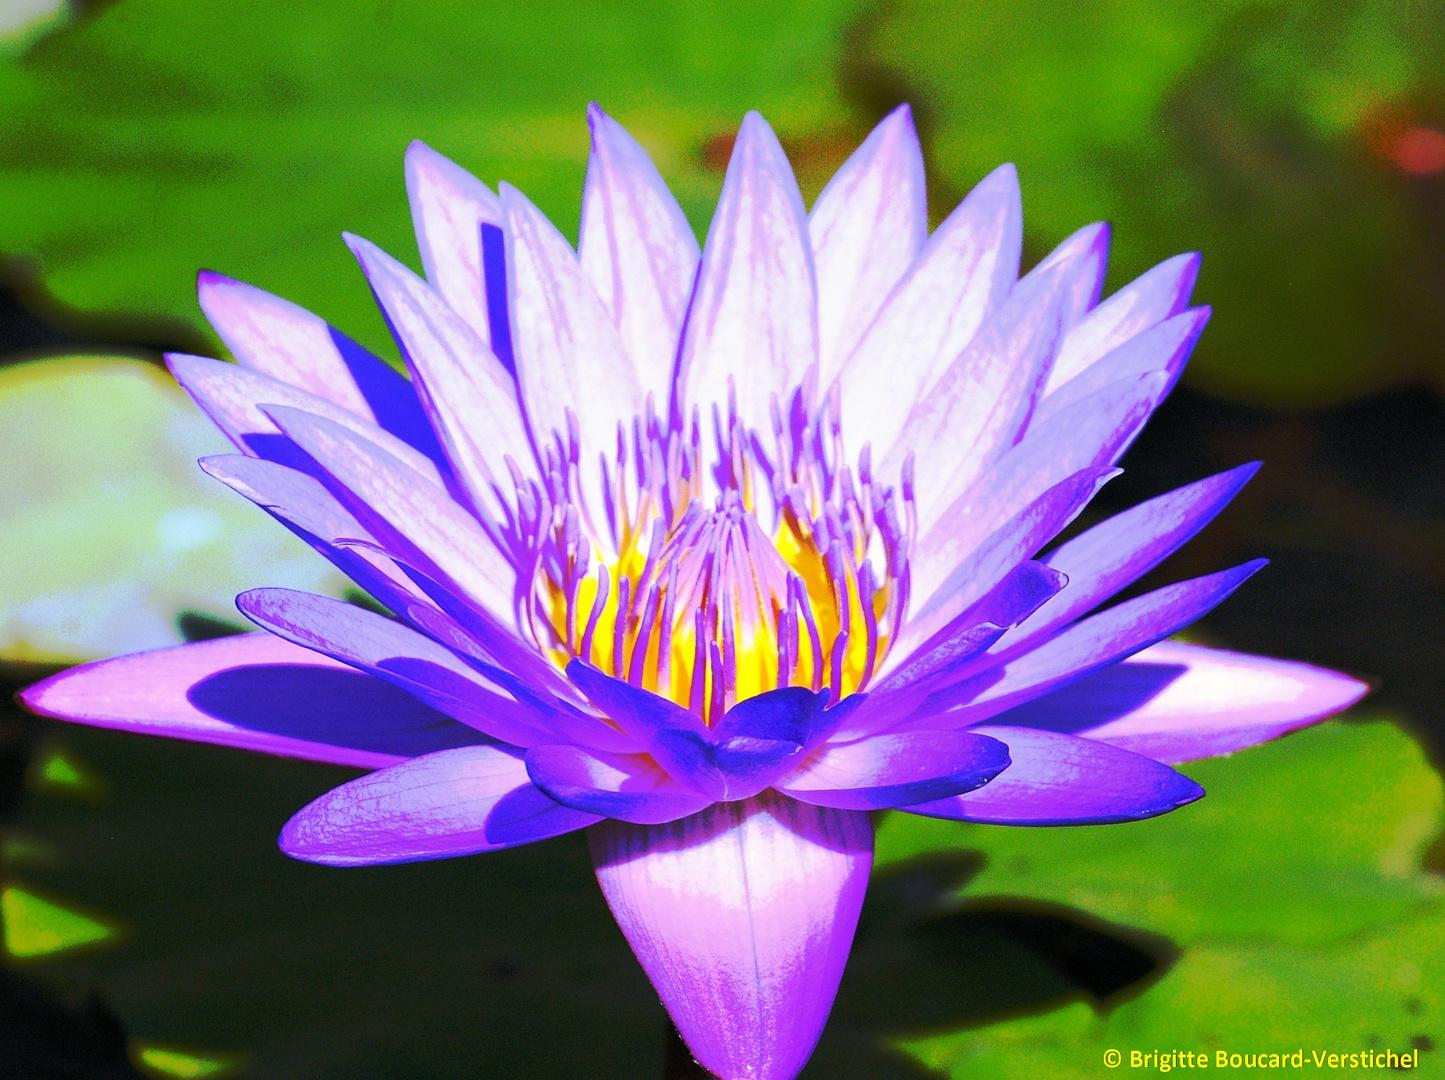 fleur de lotus bali photo et image fleurs bali fleur images fotocommunity. Black Bedroom Furniture Sets. Home Design Ideas